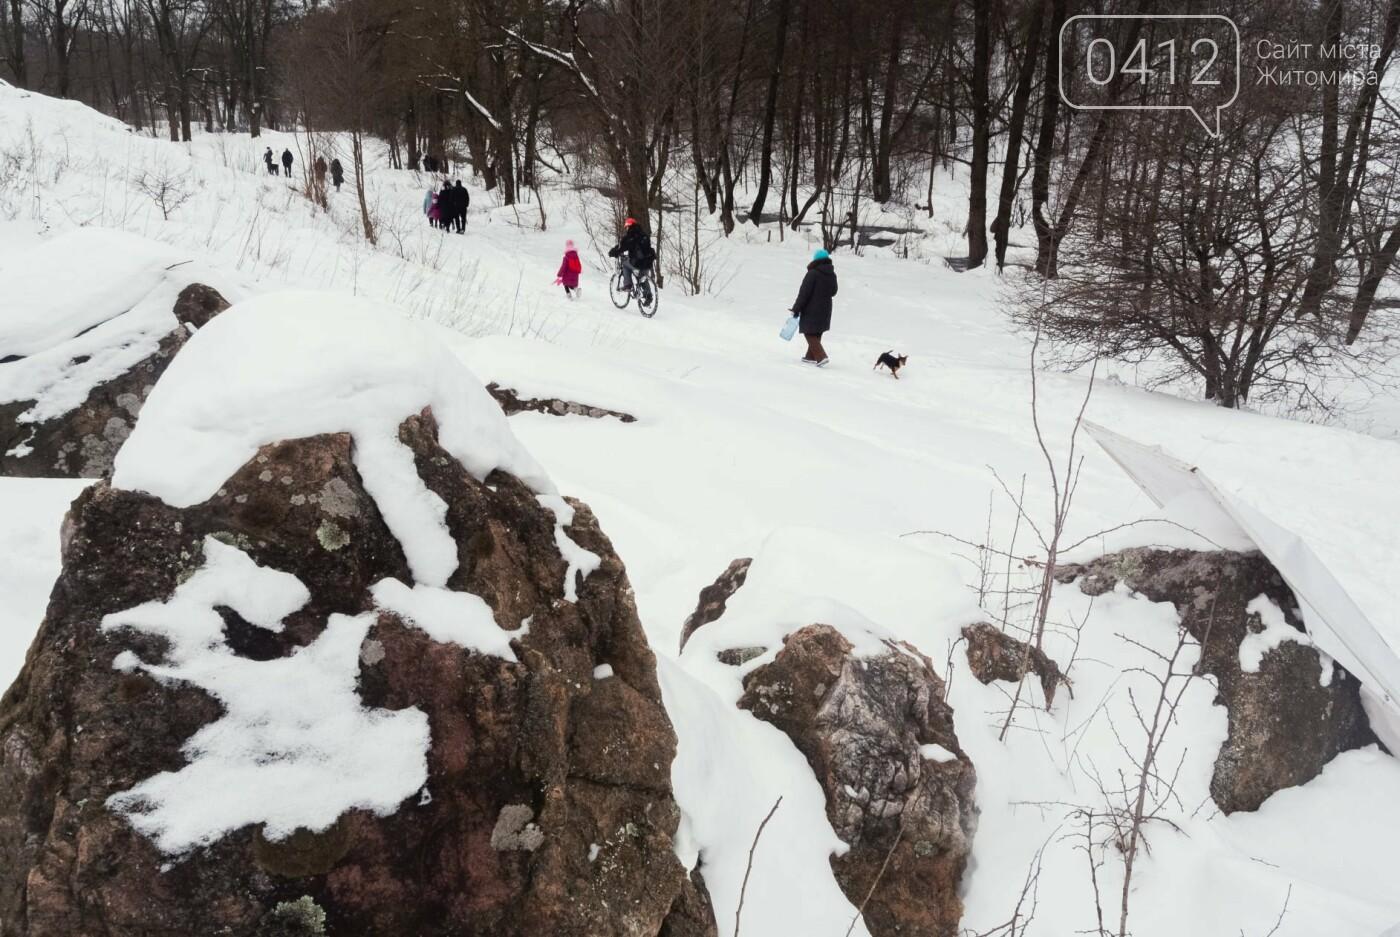 Унікальні ландшафти, зона відпочинку на березі річці: житомиряни пропонують облаштувати ландшафтний парк на Соколовій Горі, фото-12